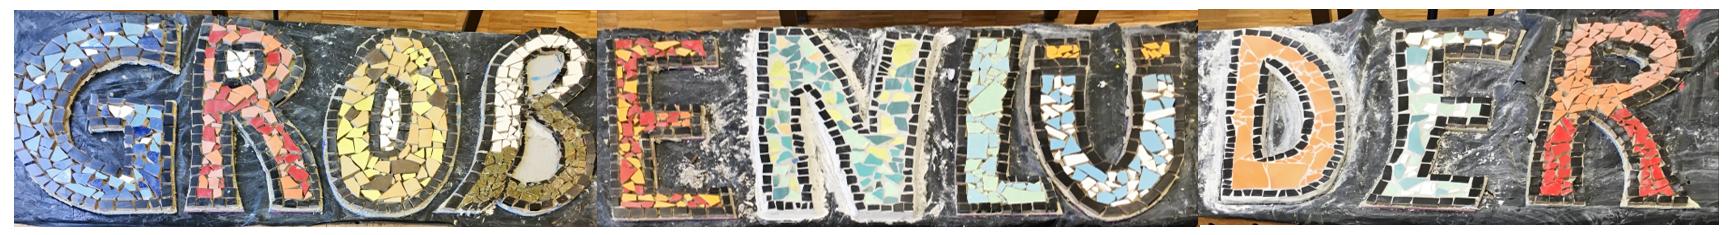 Großenlüder Mosaik